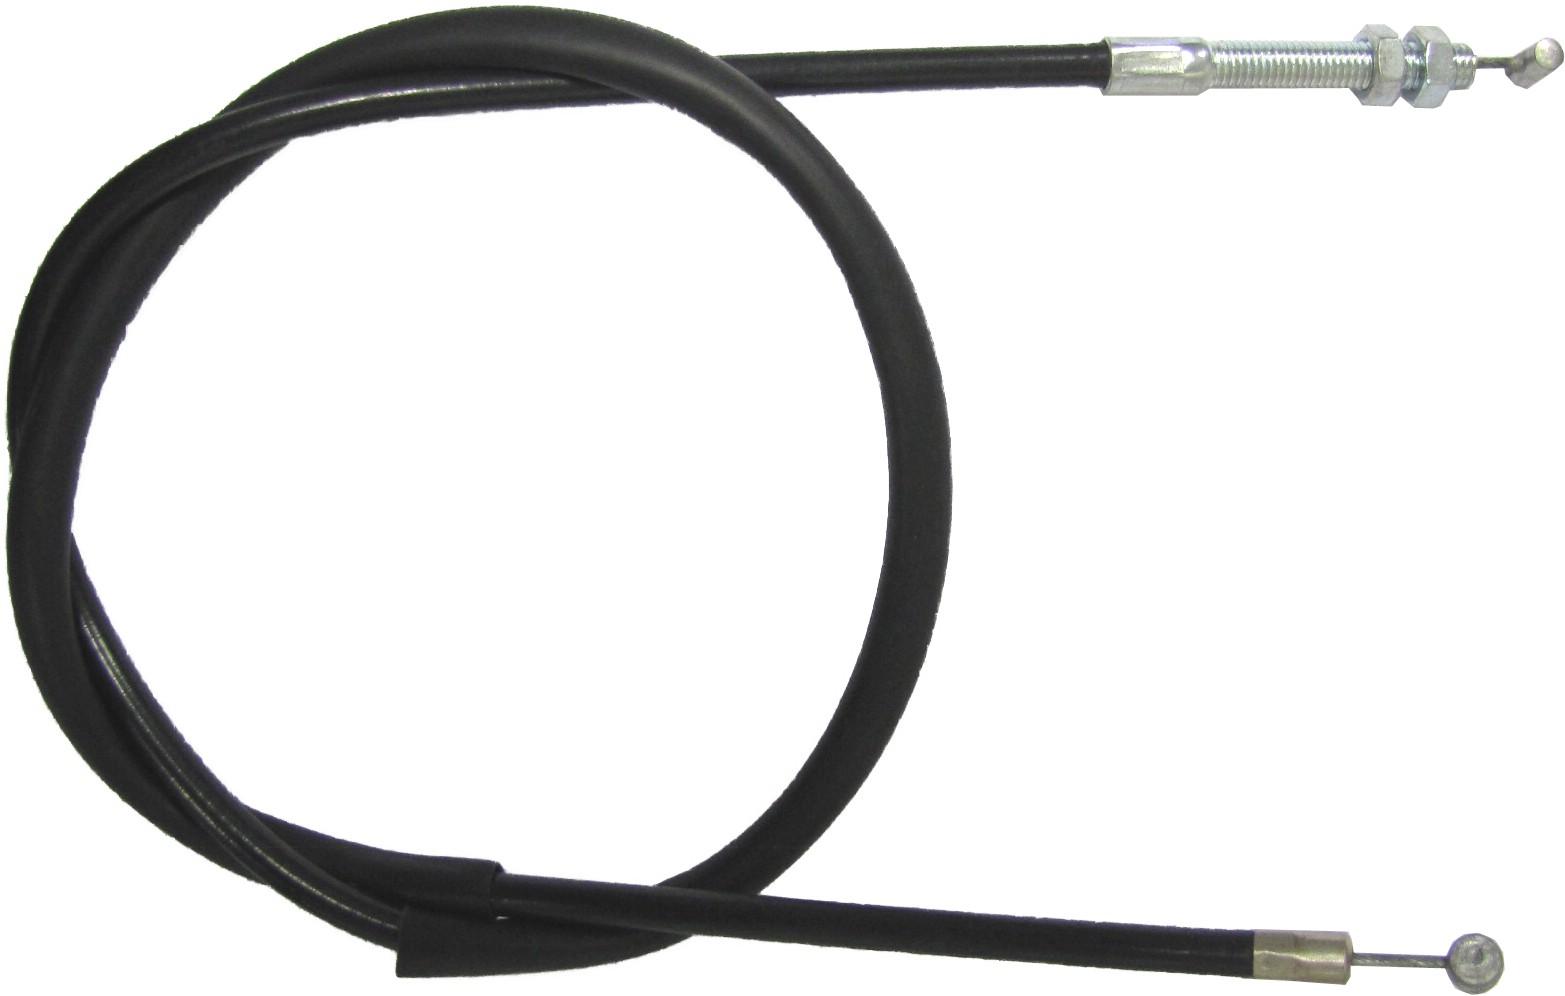 Clutch Cable Fits Yamaha YZ250F 00-05,WR250F 01-05,WR400F 98-02,Y  5JG-26335-00